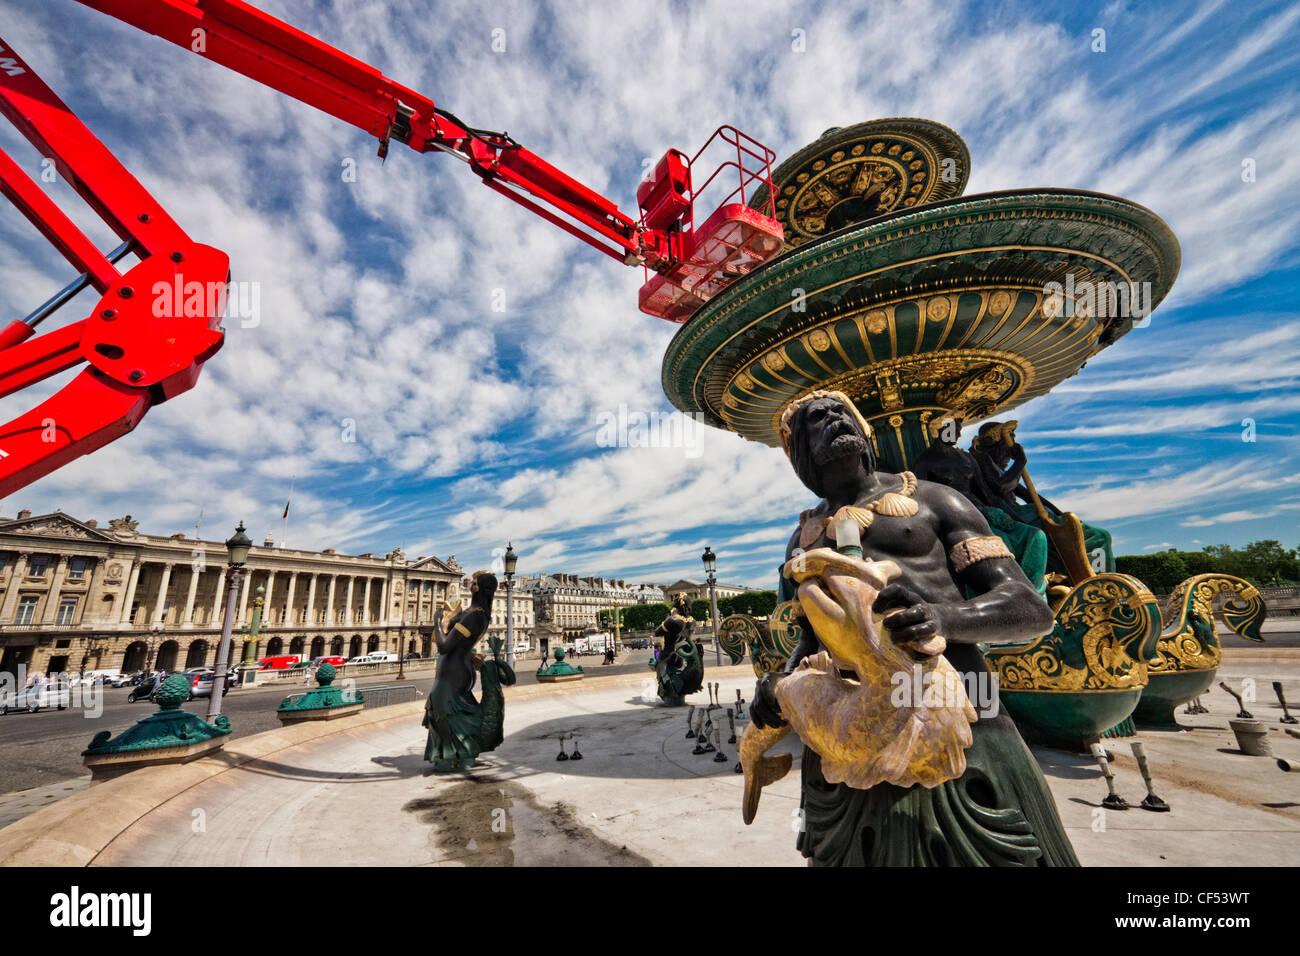 Paris, Place de la Concorde. opérations de maintenance sur la Fontaine de River de Commerce et de navigation. Banque D'Images